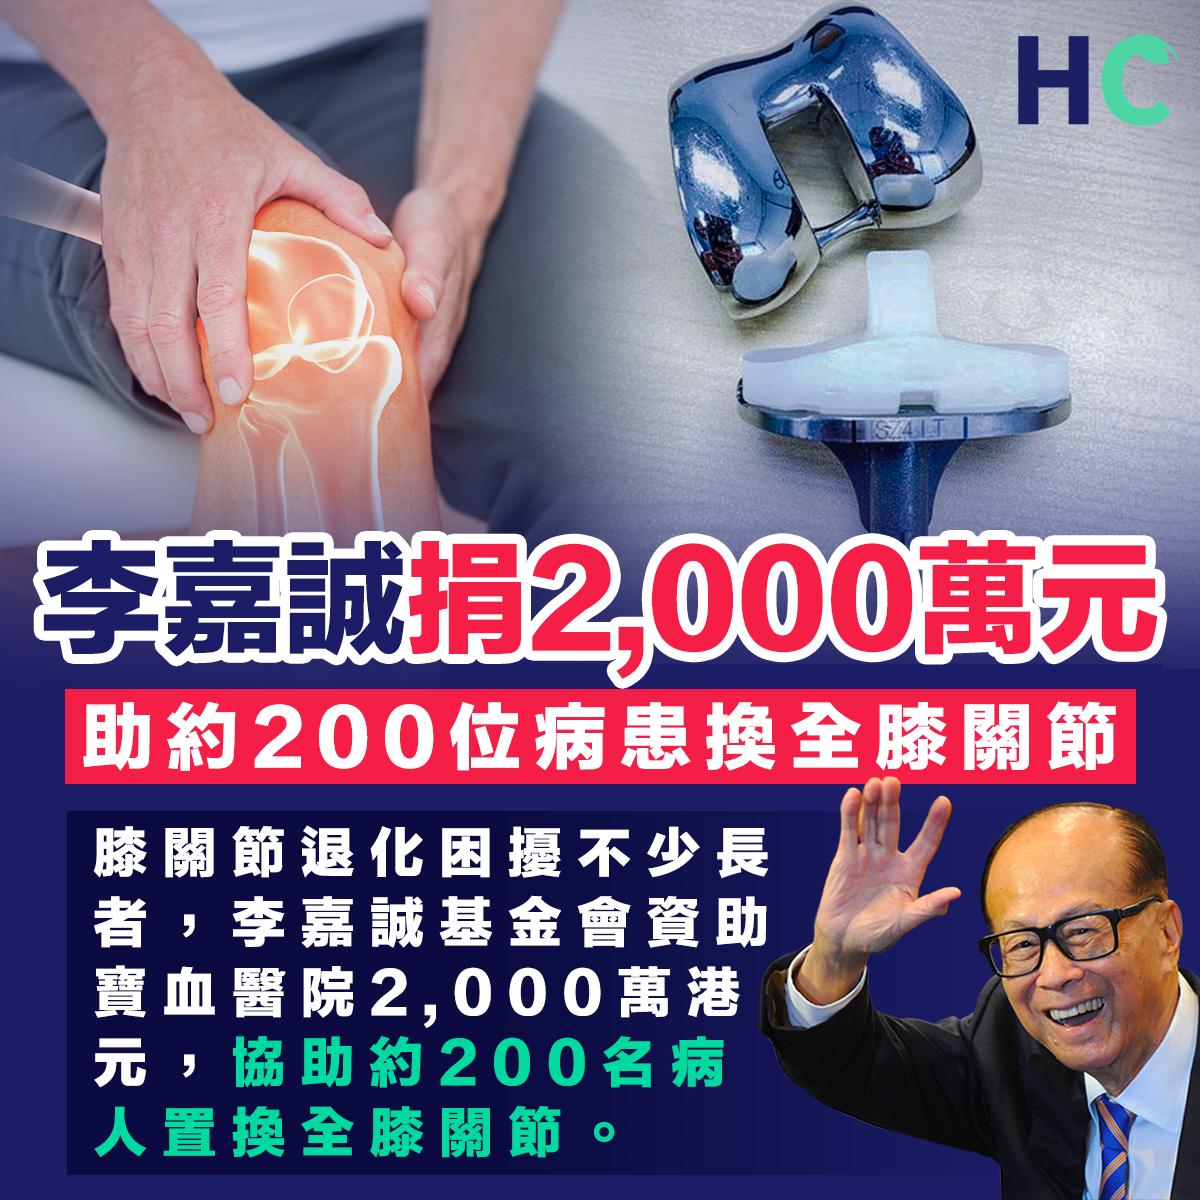 李嘉誠捐2,000萬元 助約200位病患換全膝關節